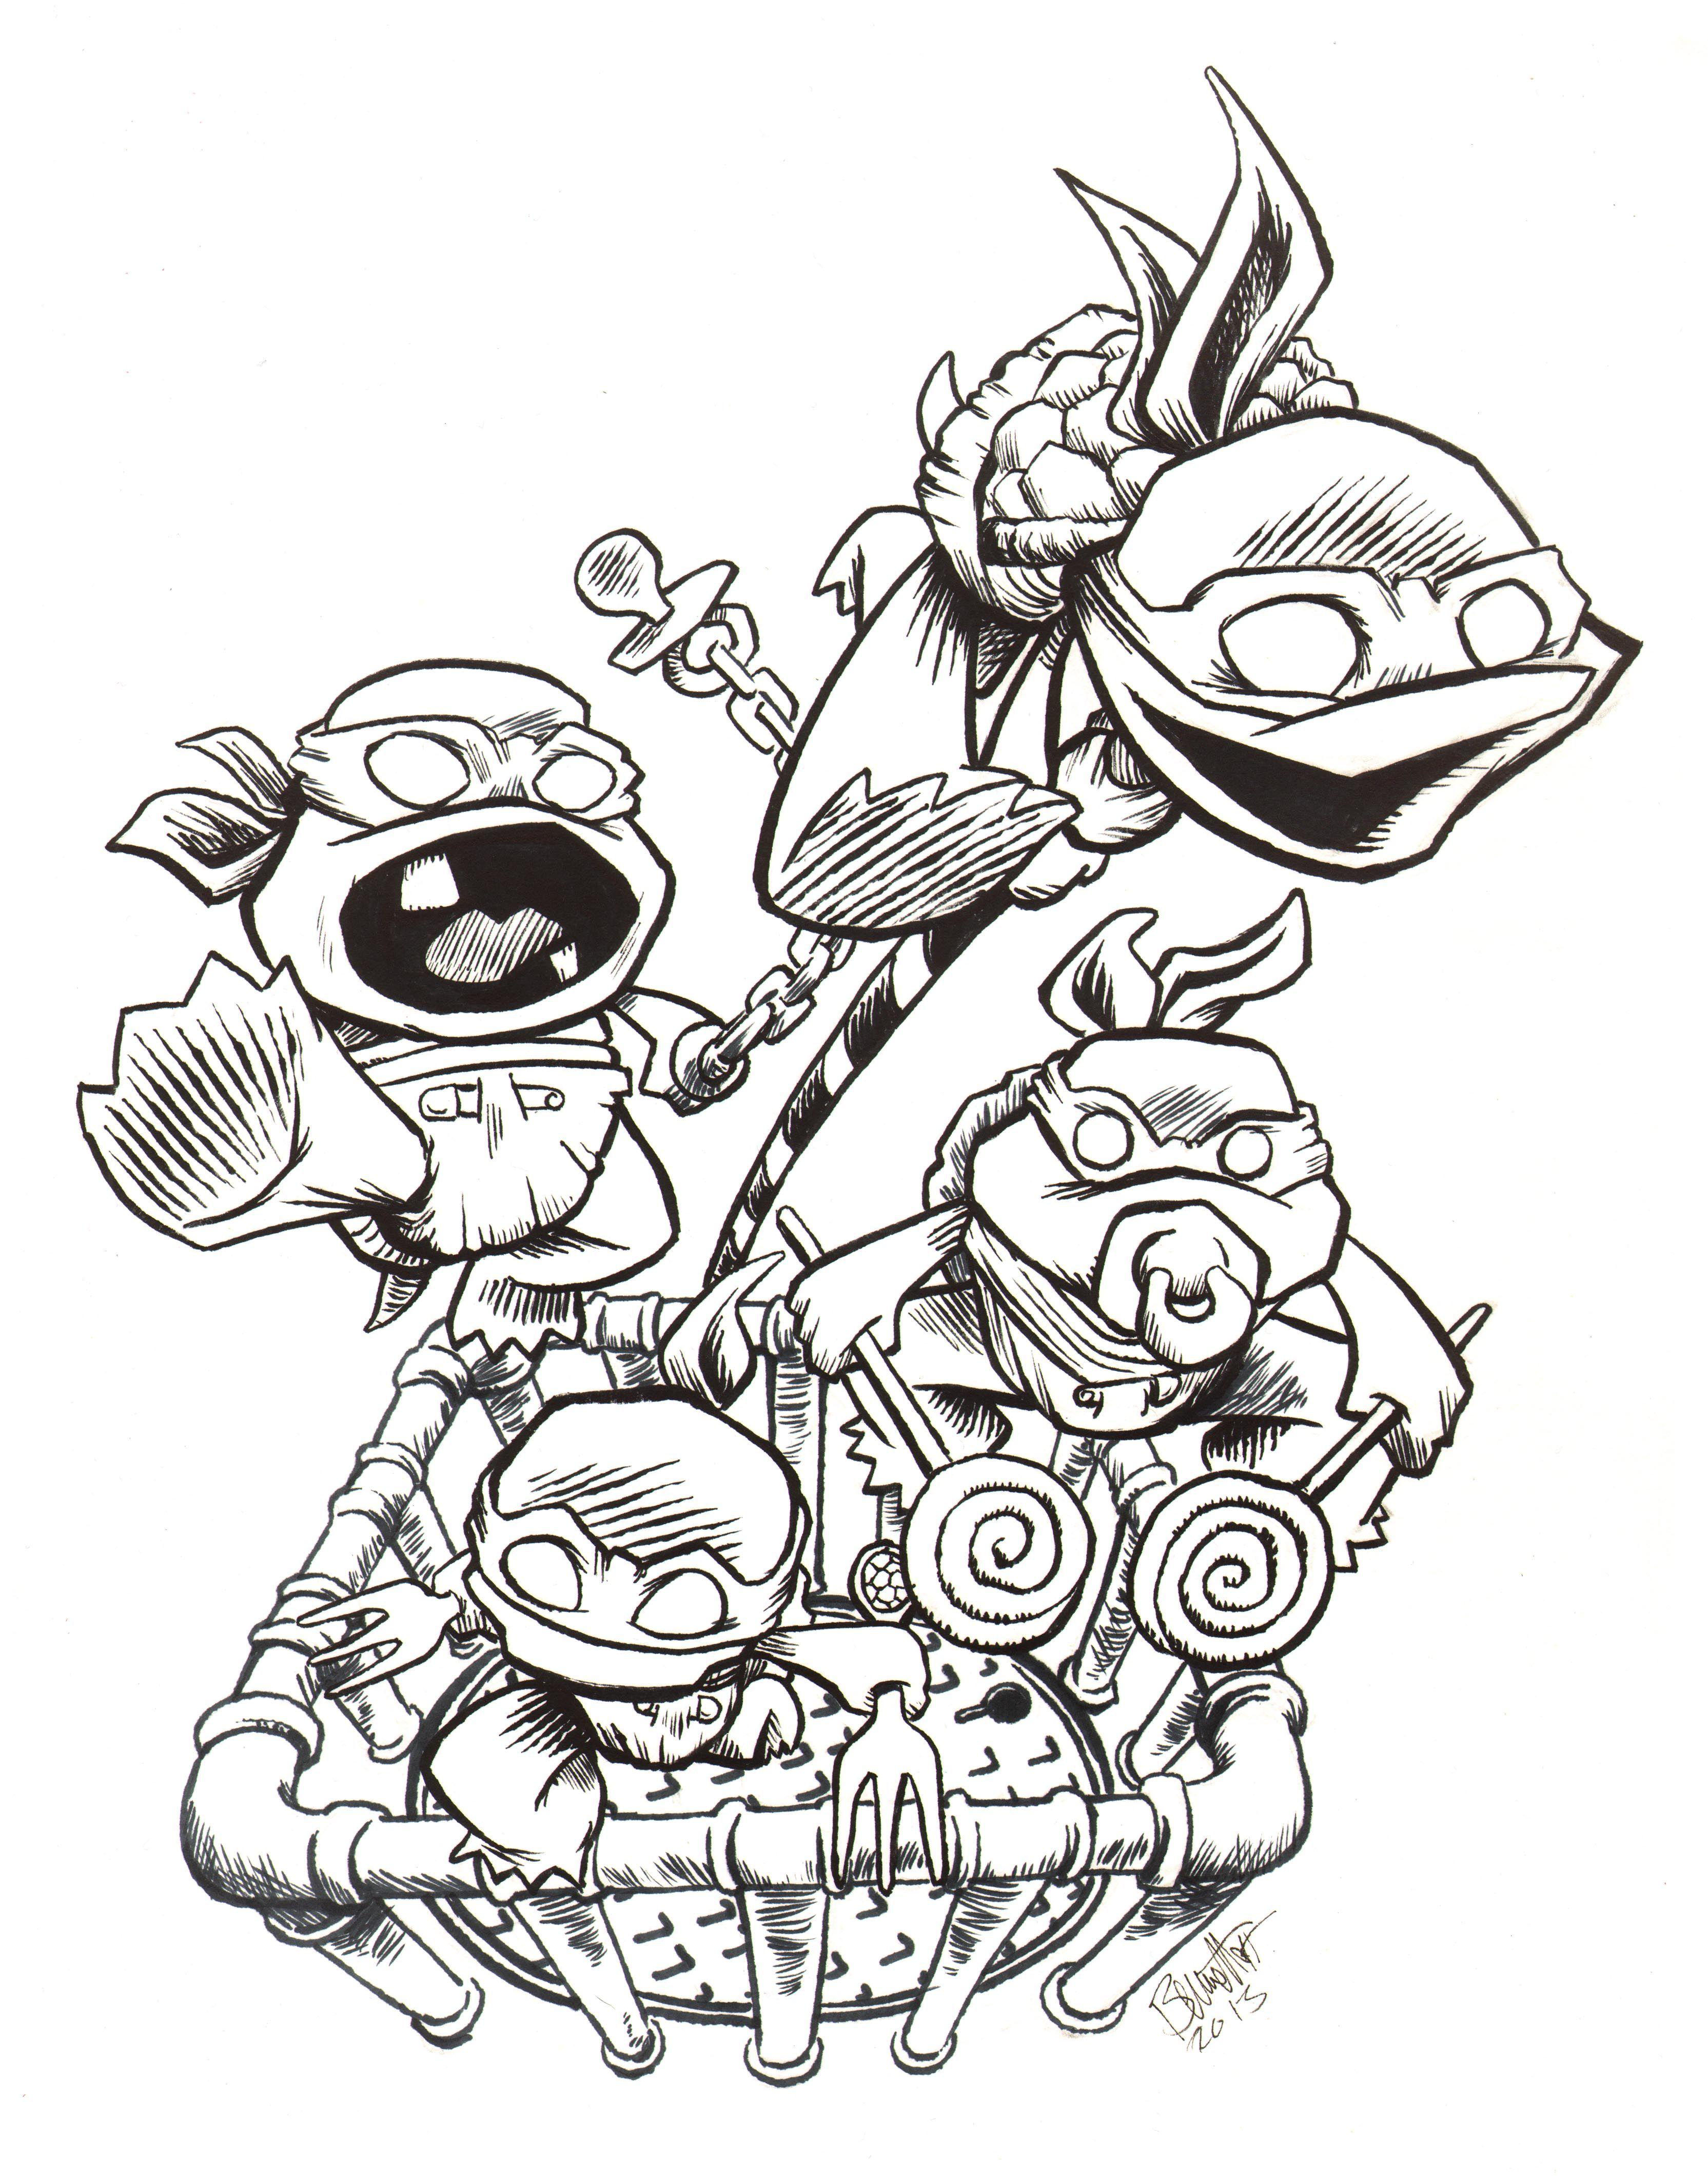 toddler mutant ninja turtles by artistjerrybennett deviantart on Student Resume Sample toddler mutant ninja turtles by artistjerrybennett deviantart on deviantart